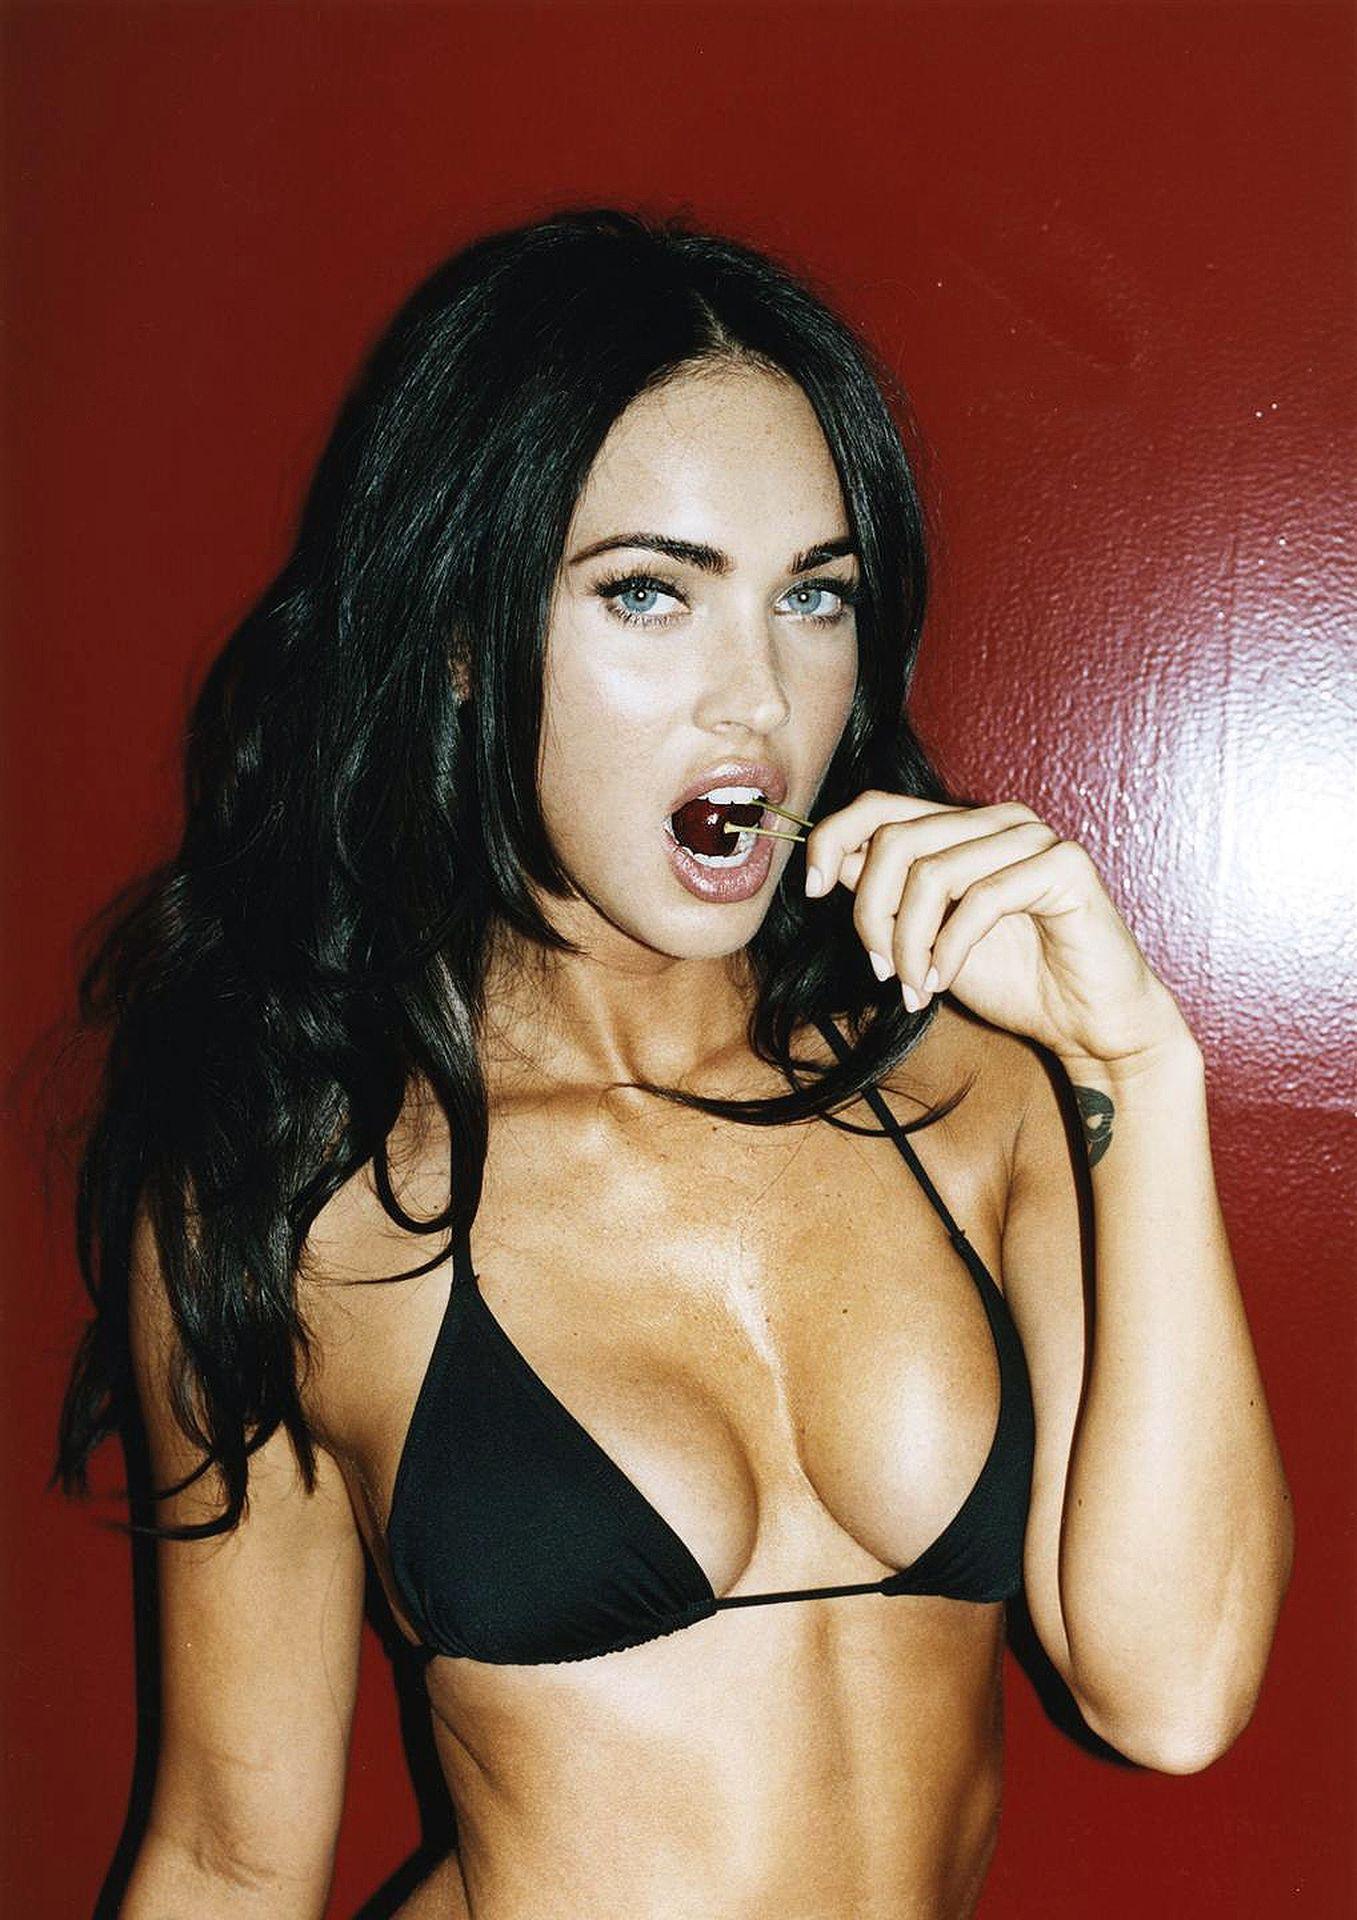 9-porno.ru Фото сексуальные знаменитостей